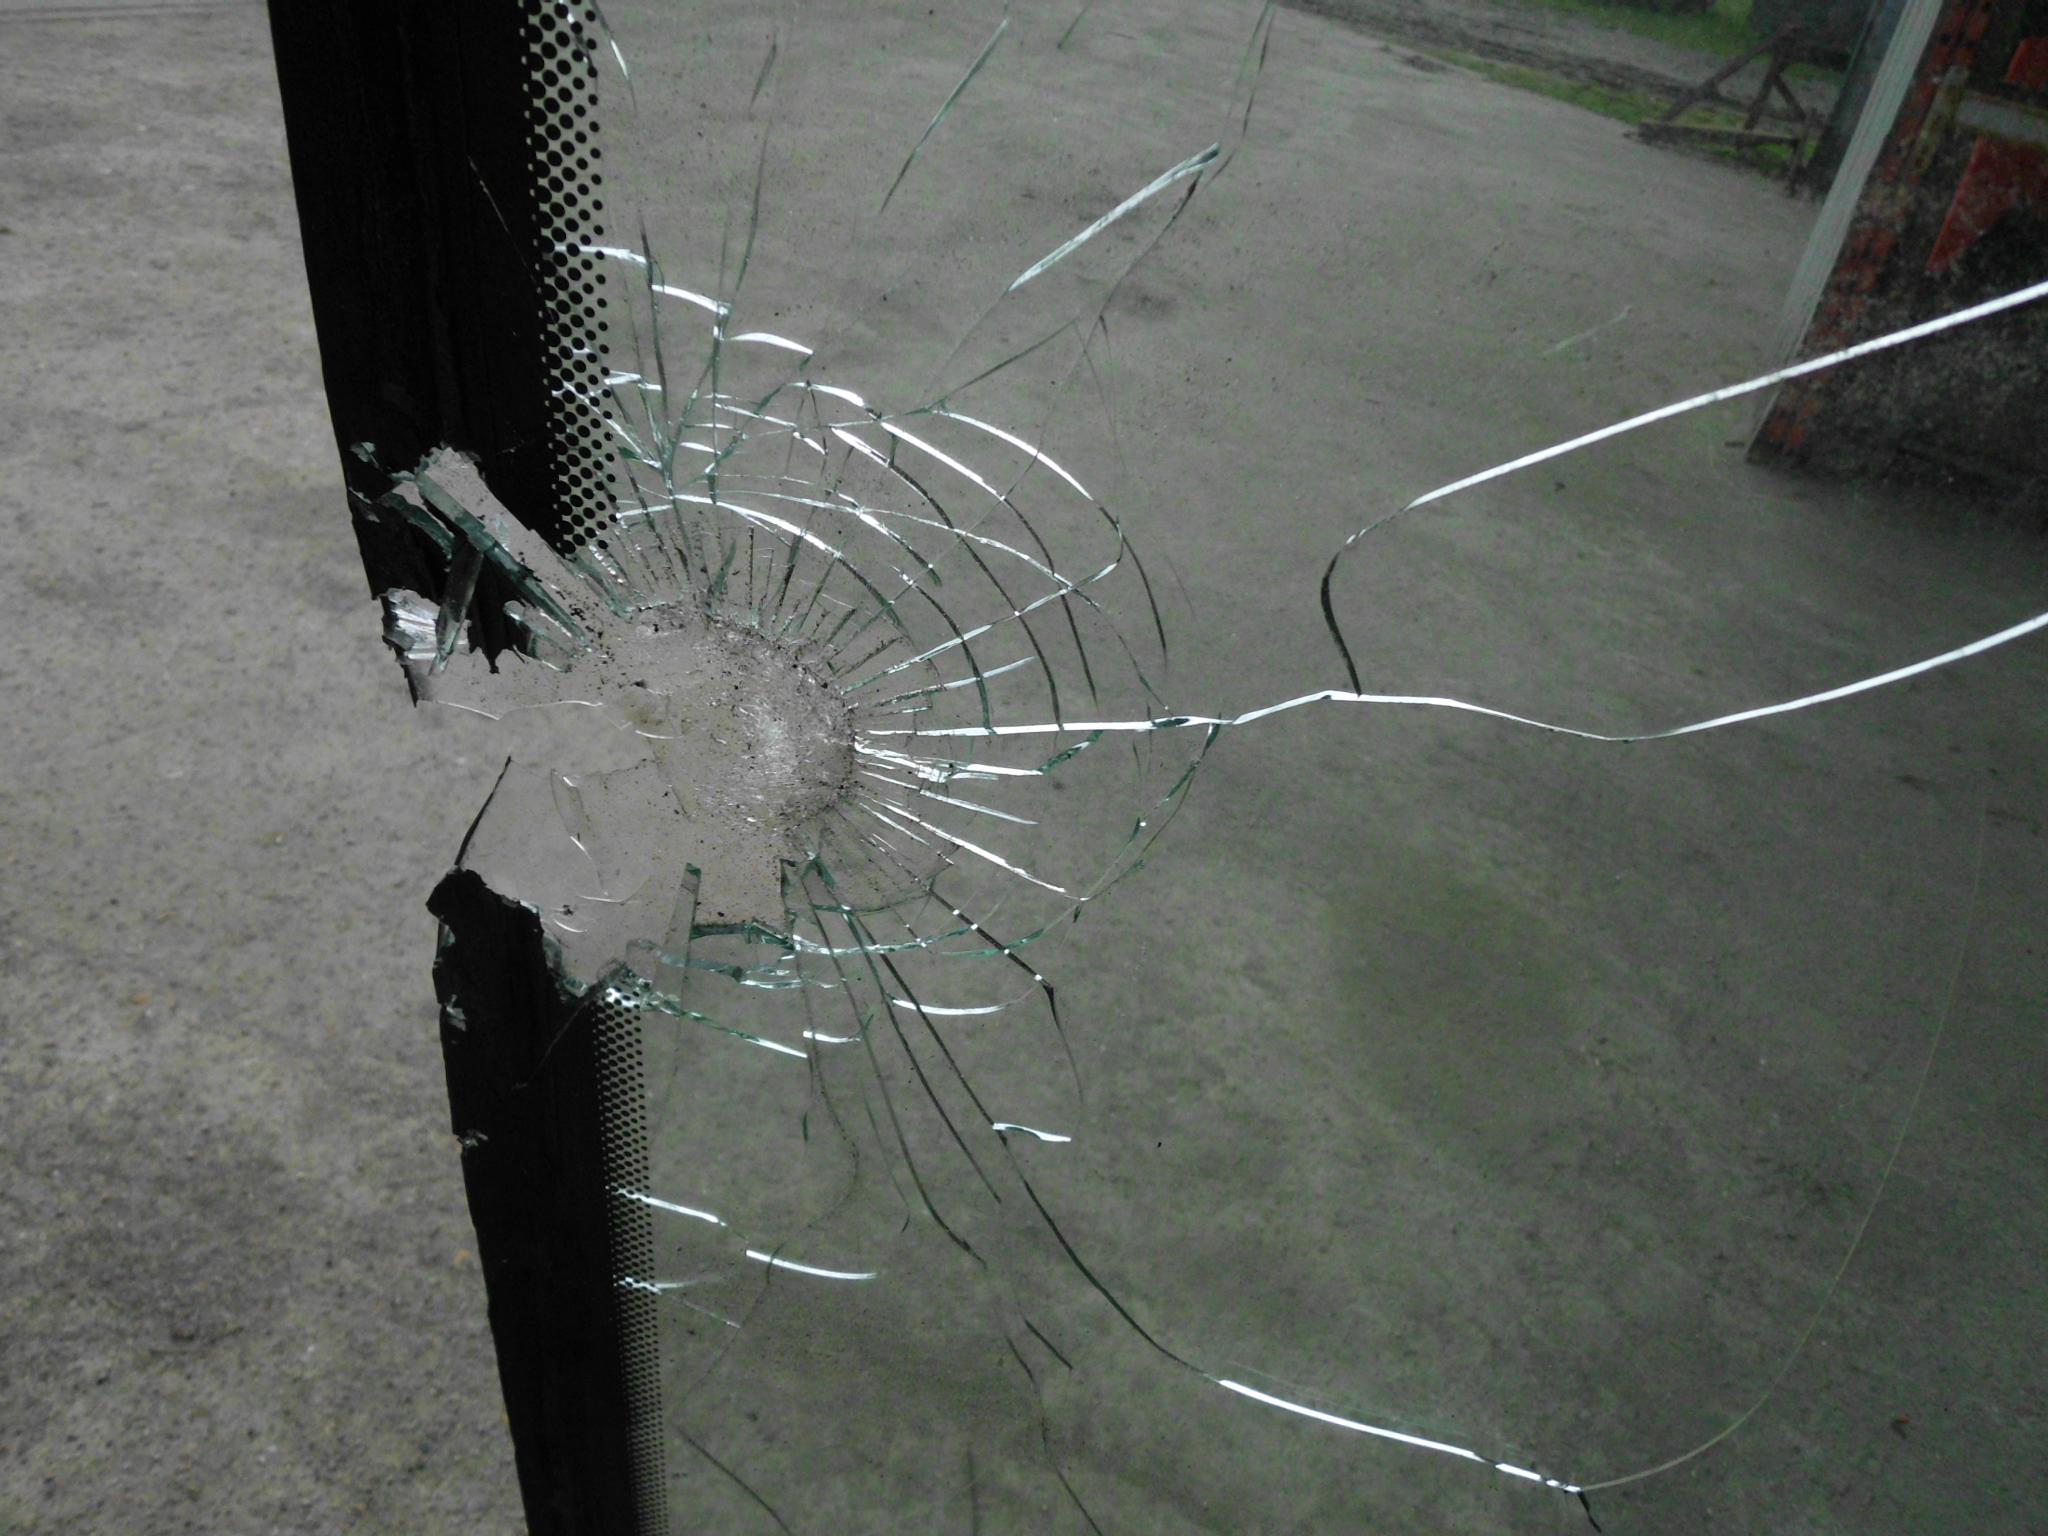 Ein Geschoss durchschlug die Scheibe der Schlepperkabine und verletzte zwei Insassen. Foto: SVLFG